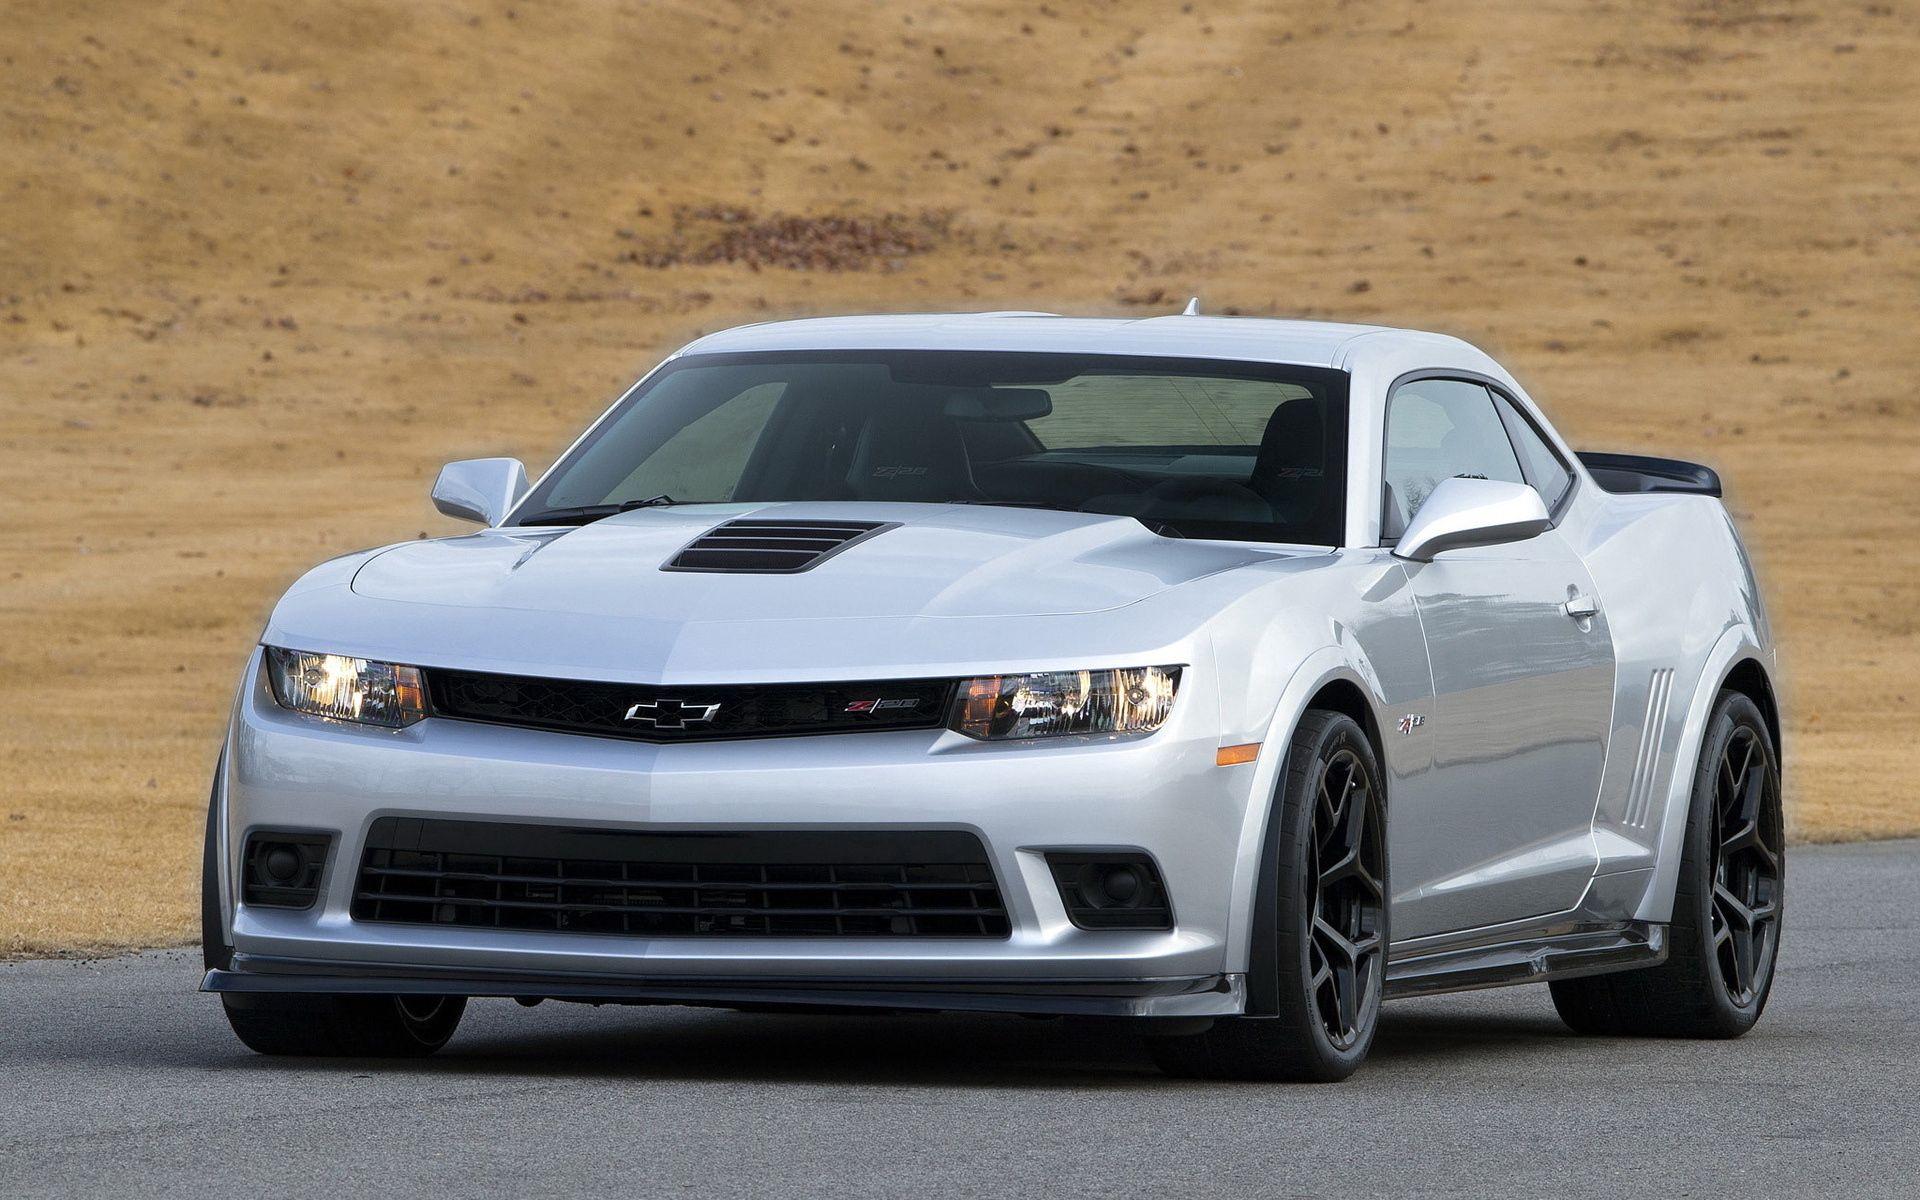 104347 скачать обои Тачки (Cars), Шевроле (Chevrolet), Camaro, Z28, 2014 - заставки и картинки бесплатно